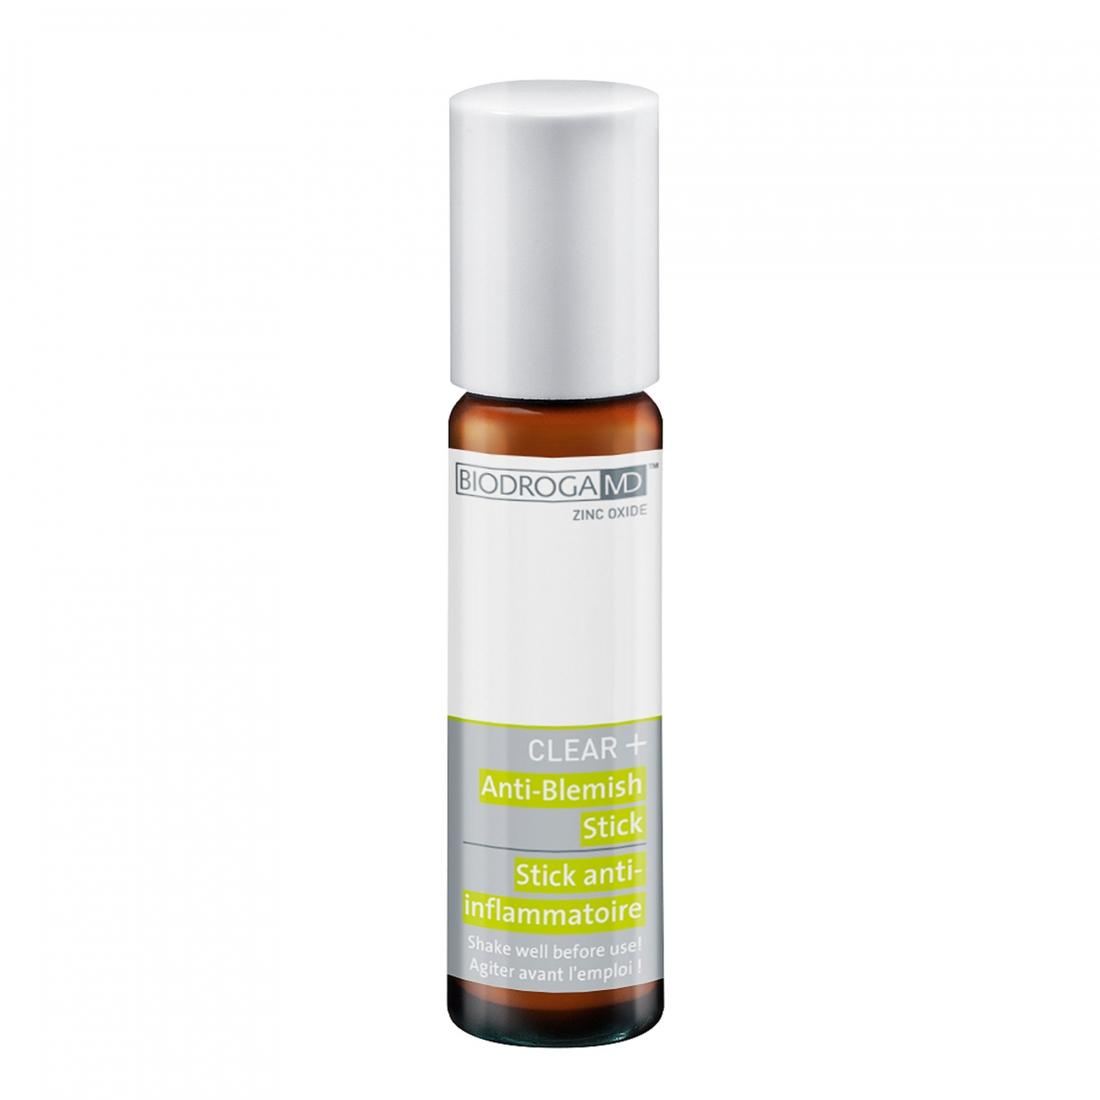 Biodroga_MD_Clear+_anti_blemish_stick_Pure_habit_antiacne